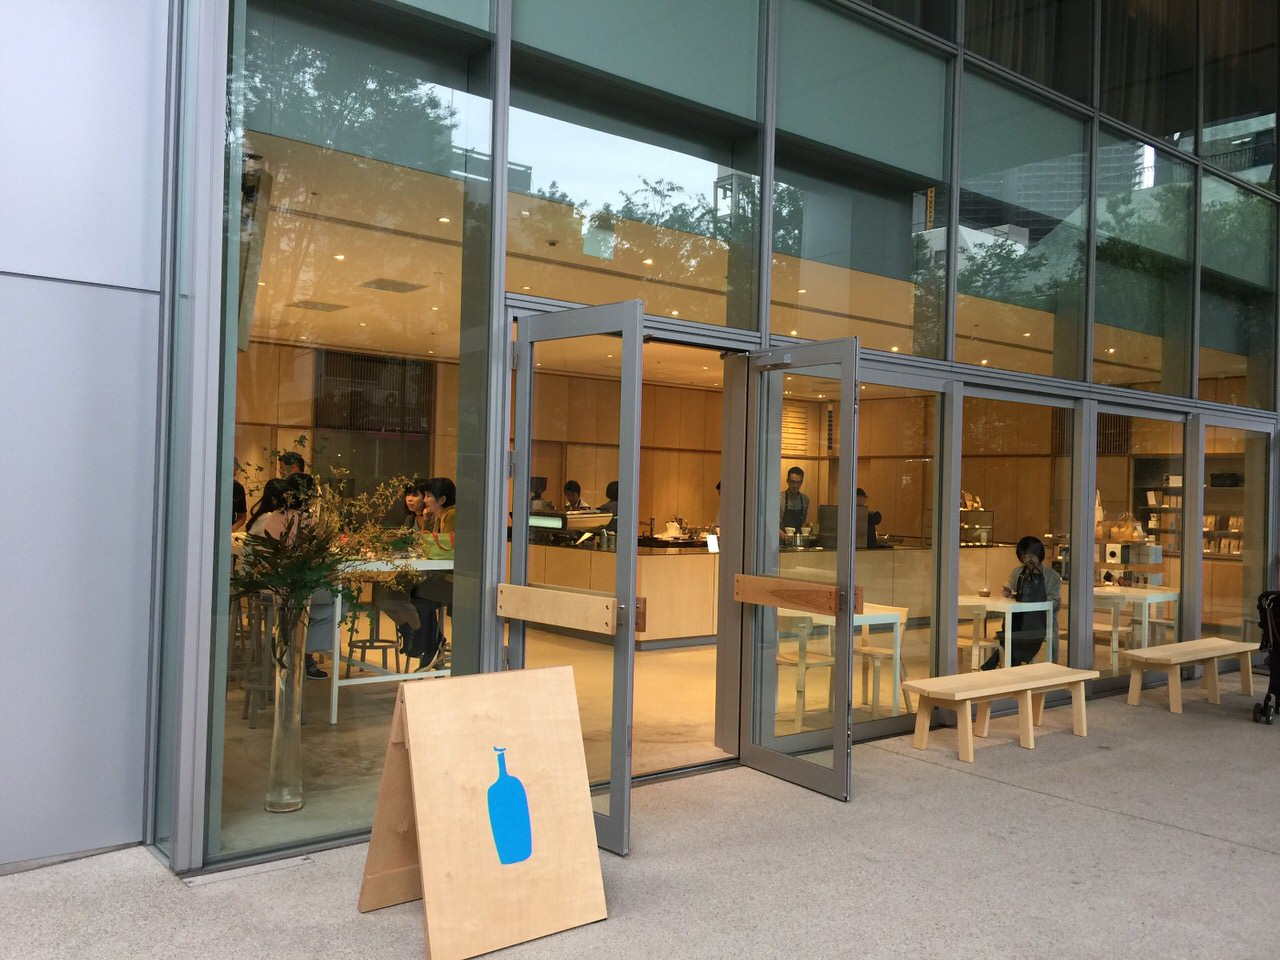 「ブルーボトルコーヒー 六本木カフェ」開放感のある店舗がガラガラで驚いたよ